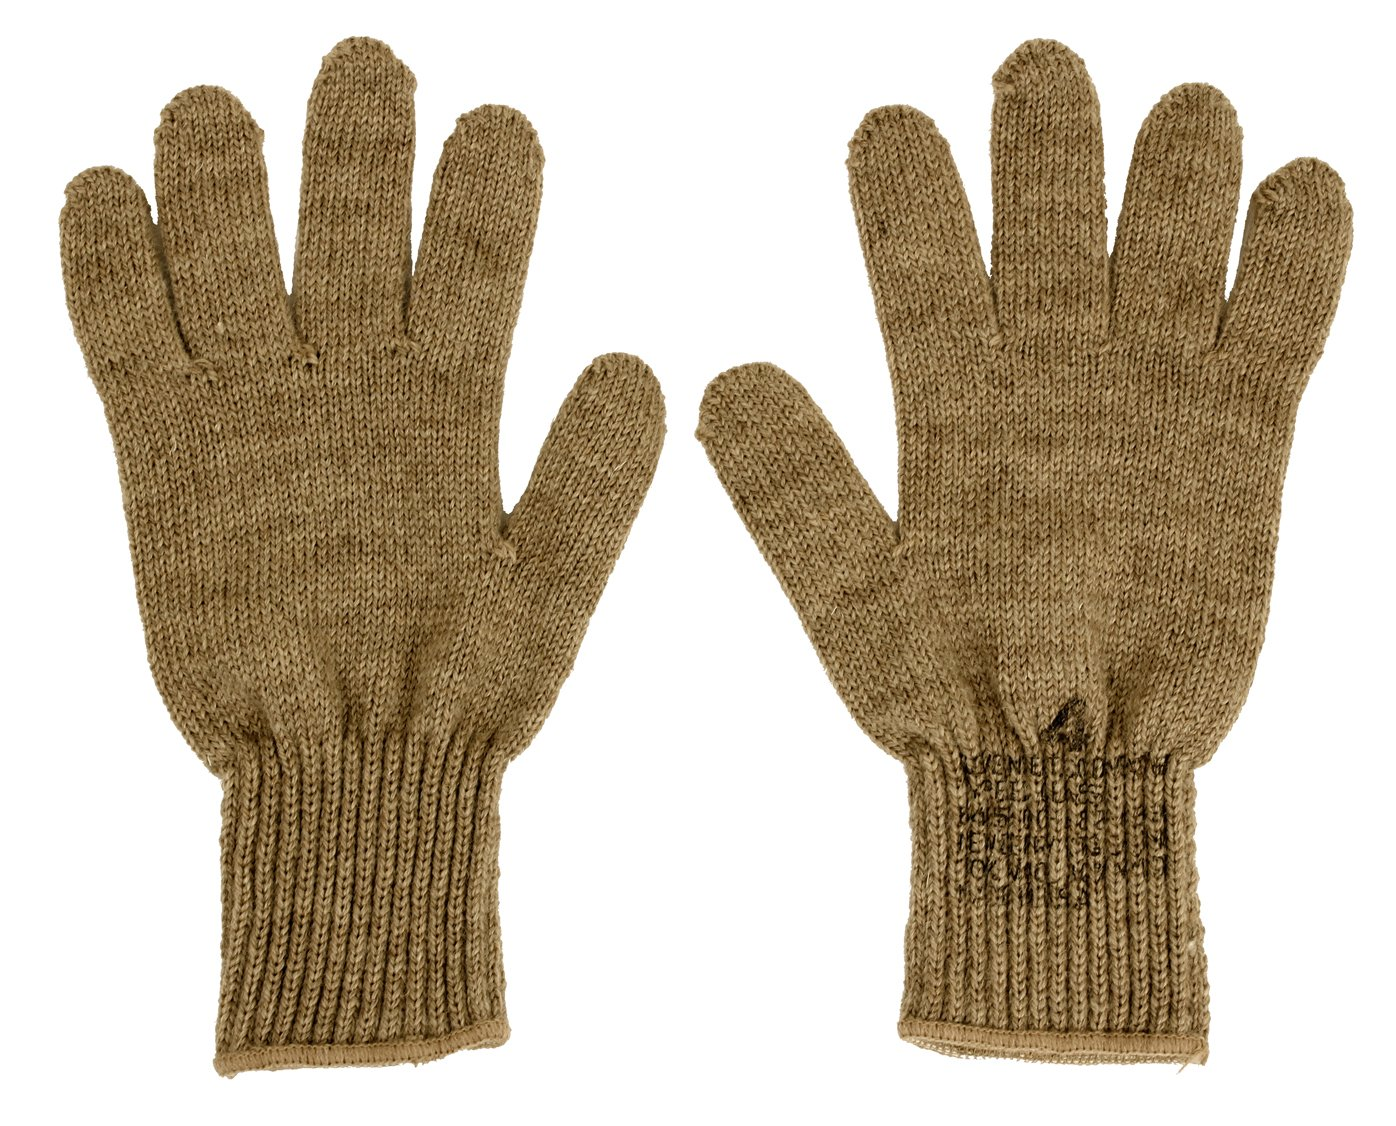 Rothco Gi Wool Glove Liners 613902018129